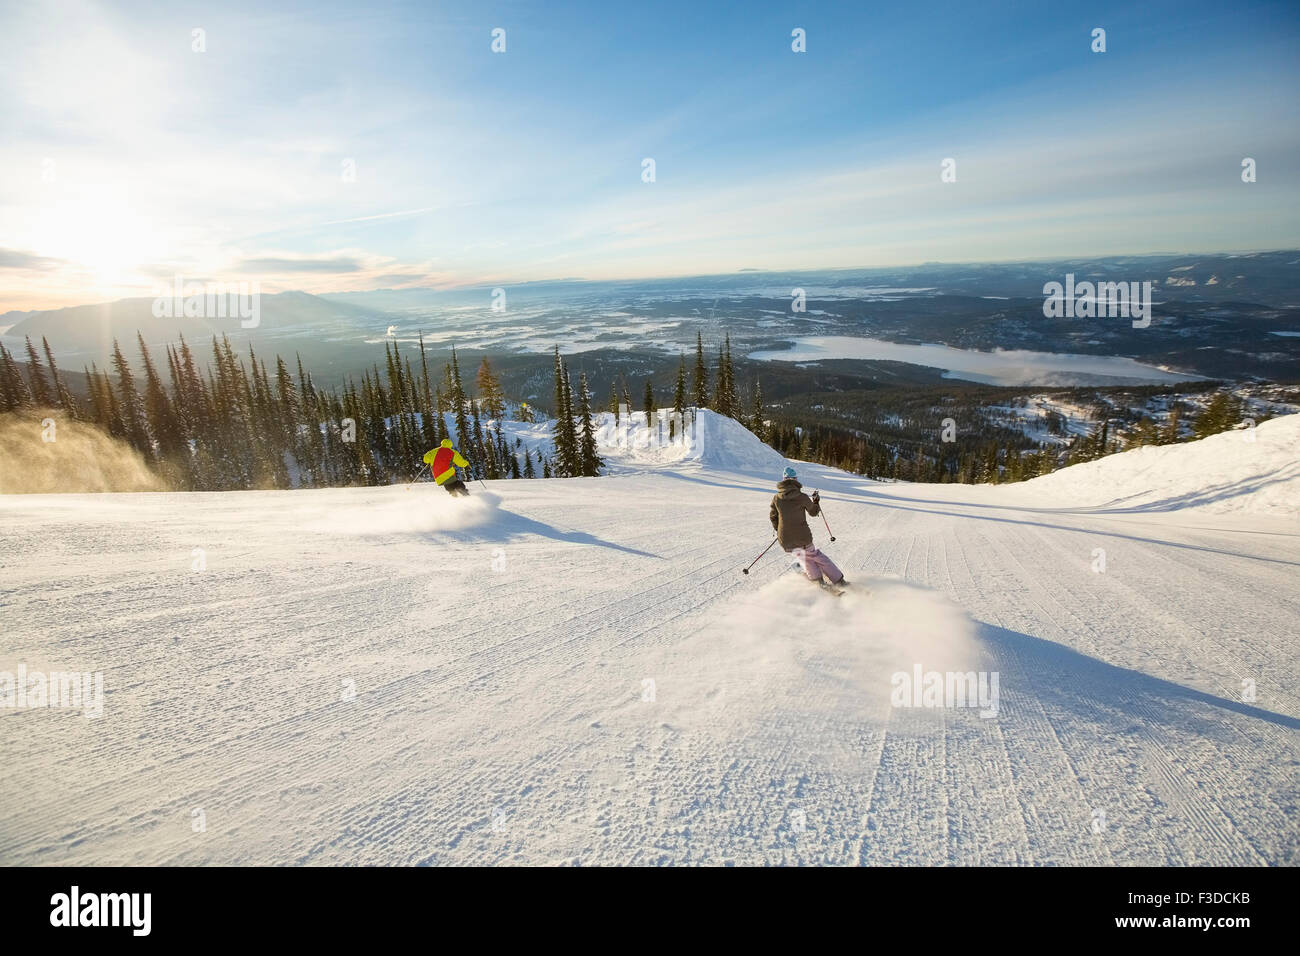 Dos personas de esquí en la luz del sol Imagen De Stock